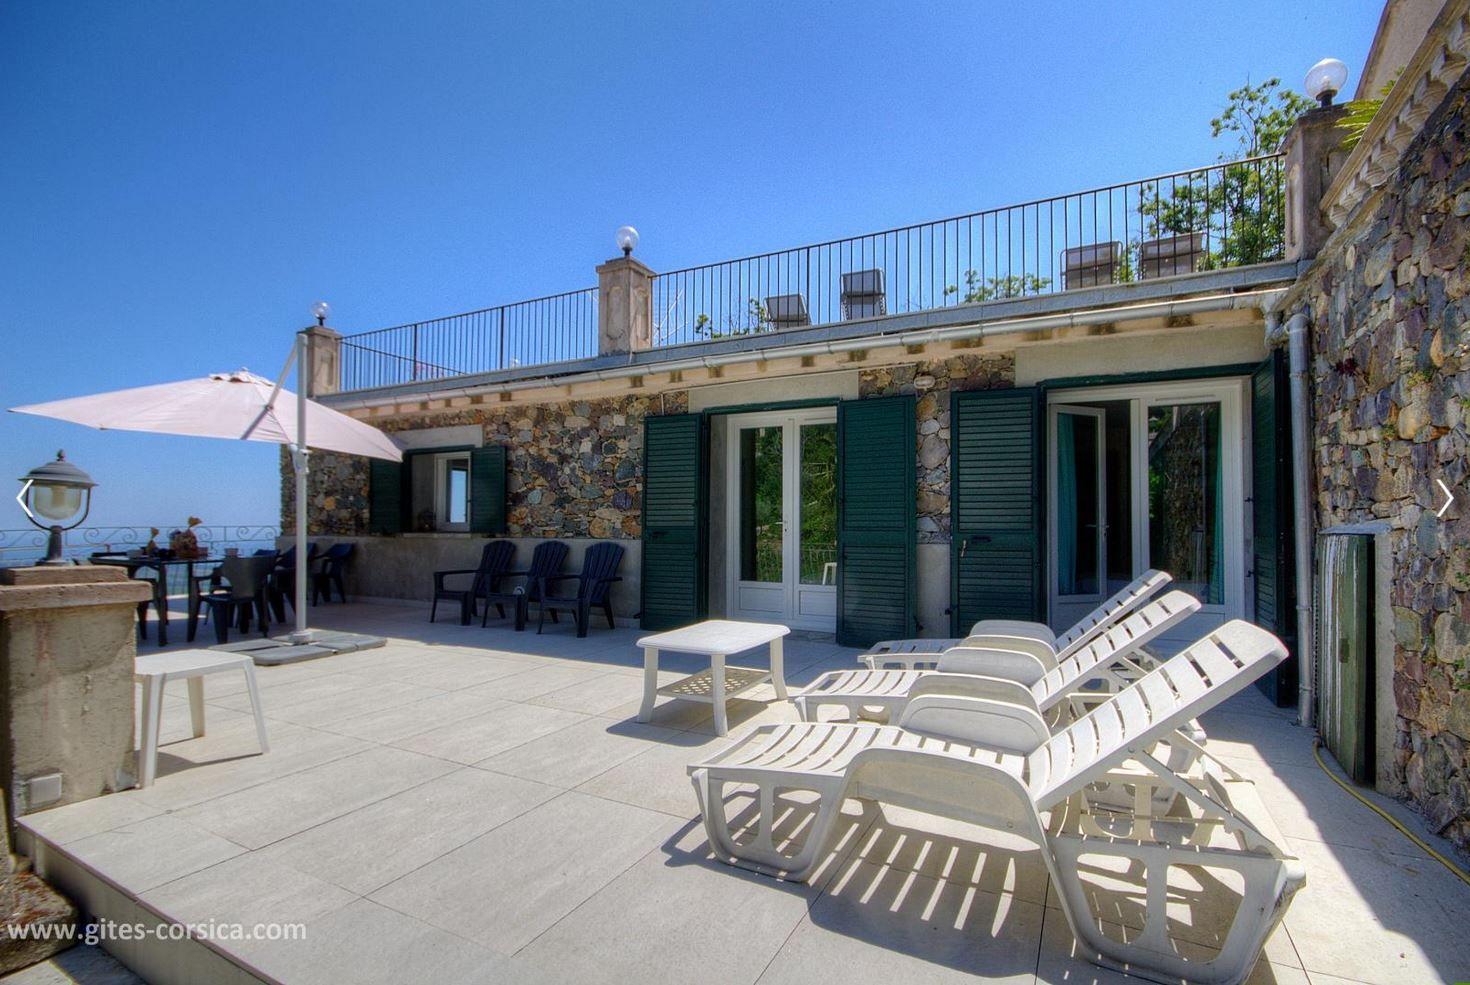 Que Diriez Vous De Passer Vos Vacances Dans Un Endroit Paisible Proche De La Nature Avec Vue Sur La Mer Cet A Maison Style Locations Vacances Vacances Corse